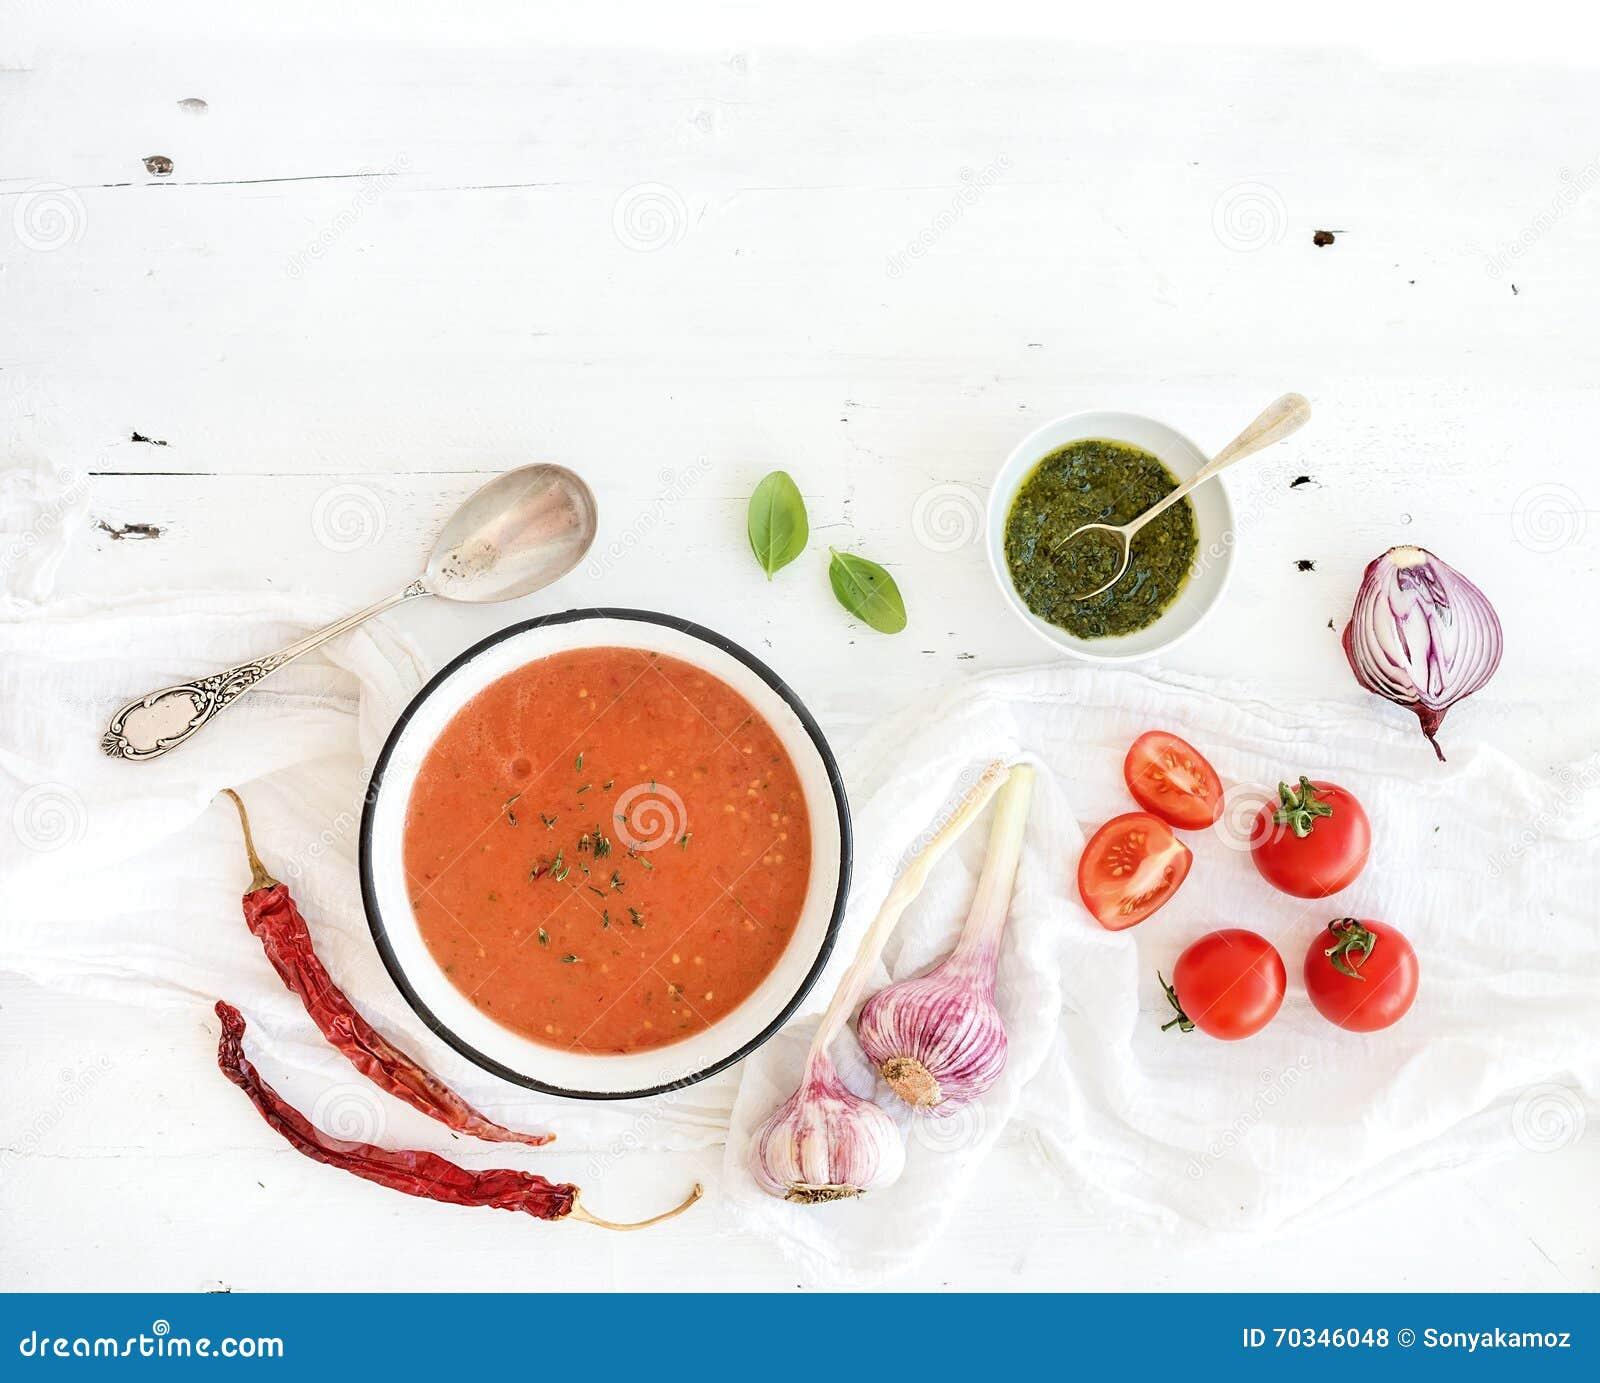 在土气金属碗的Gazpacho汤用新鲜的蕃茄、绿色调味汁、辣椒、大蒜和蓬蒿